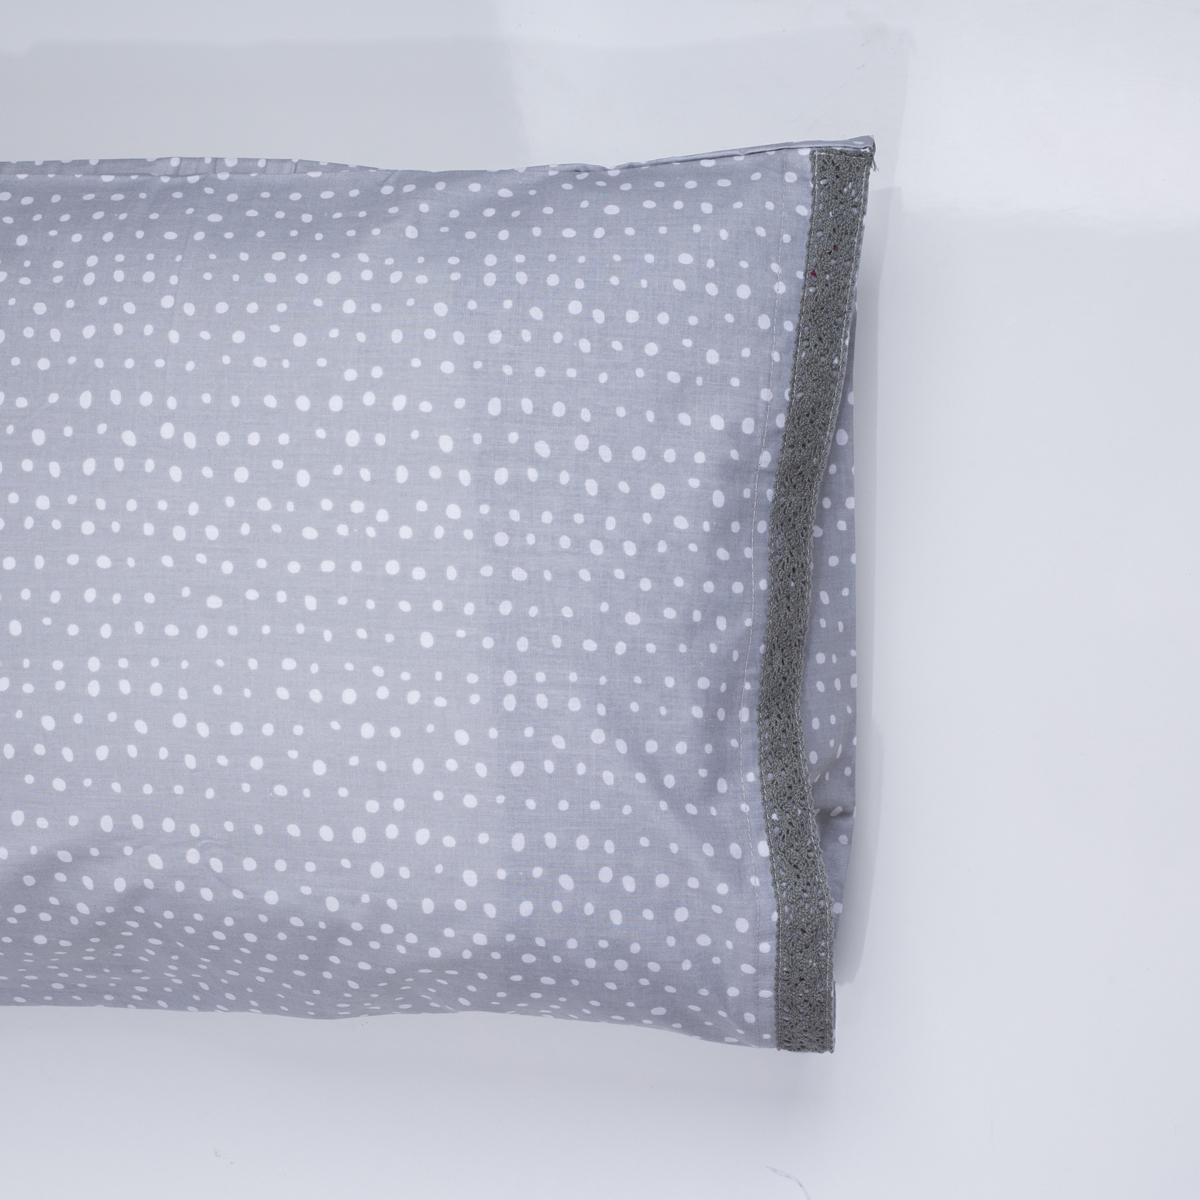 Ζεύγος Μαξιλαροθήκες White Fabric Dottie Grey